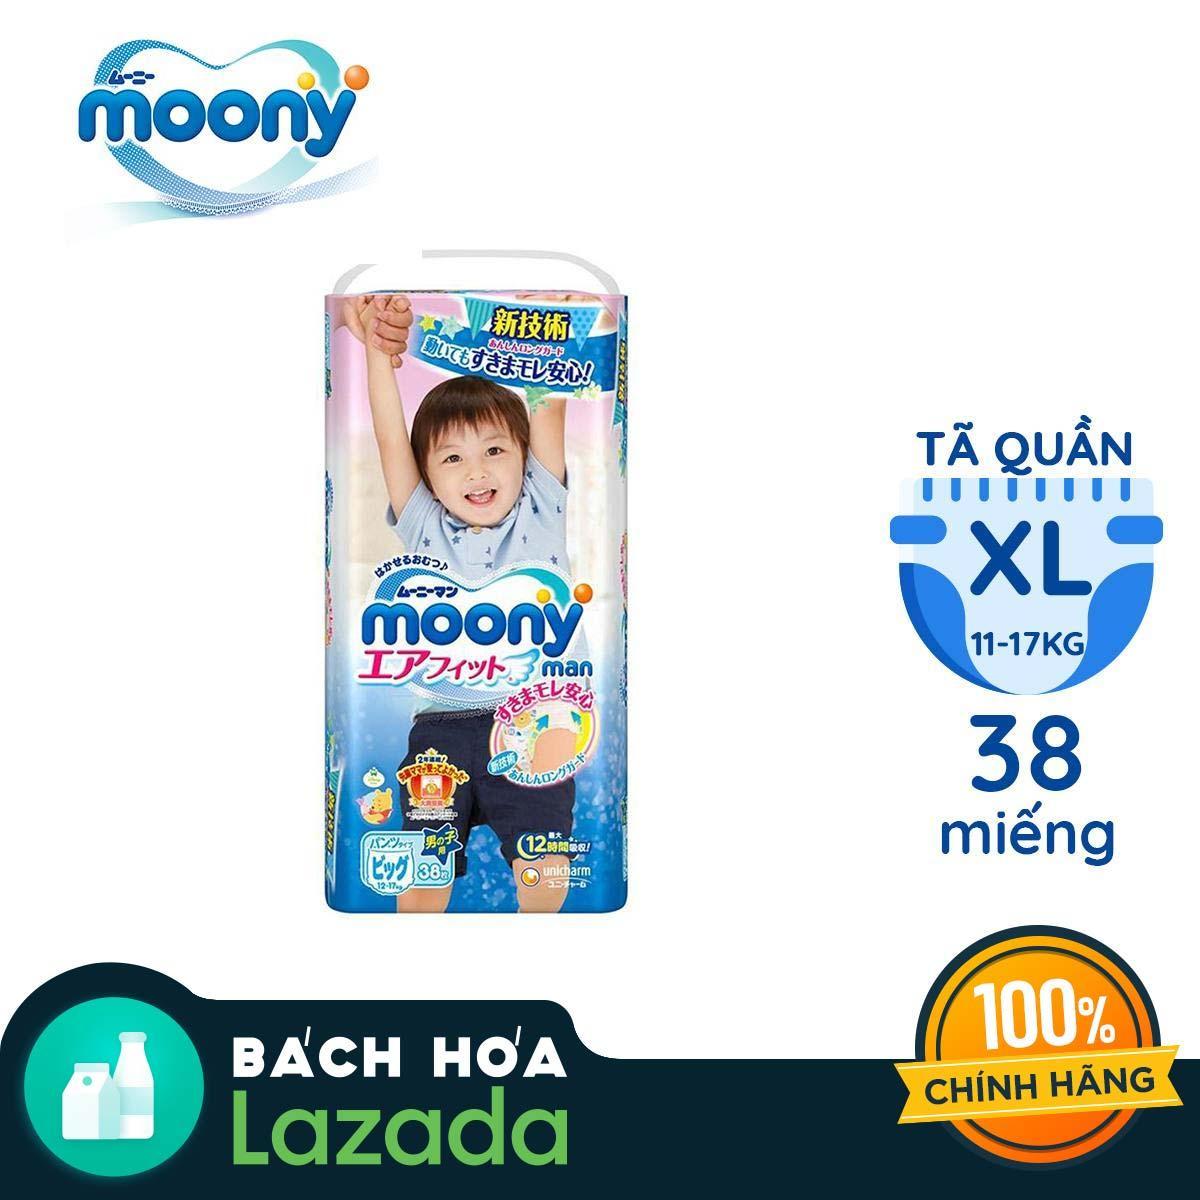 Tã Quần Moony Size XL38 Dành Cho Bé Trai (12 - 17kg) Cùng Giá Khuyến Mãi Hot